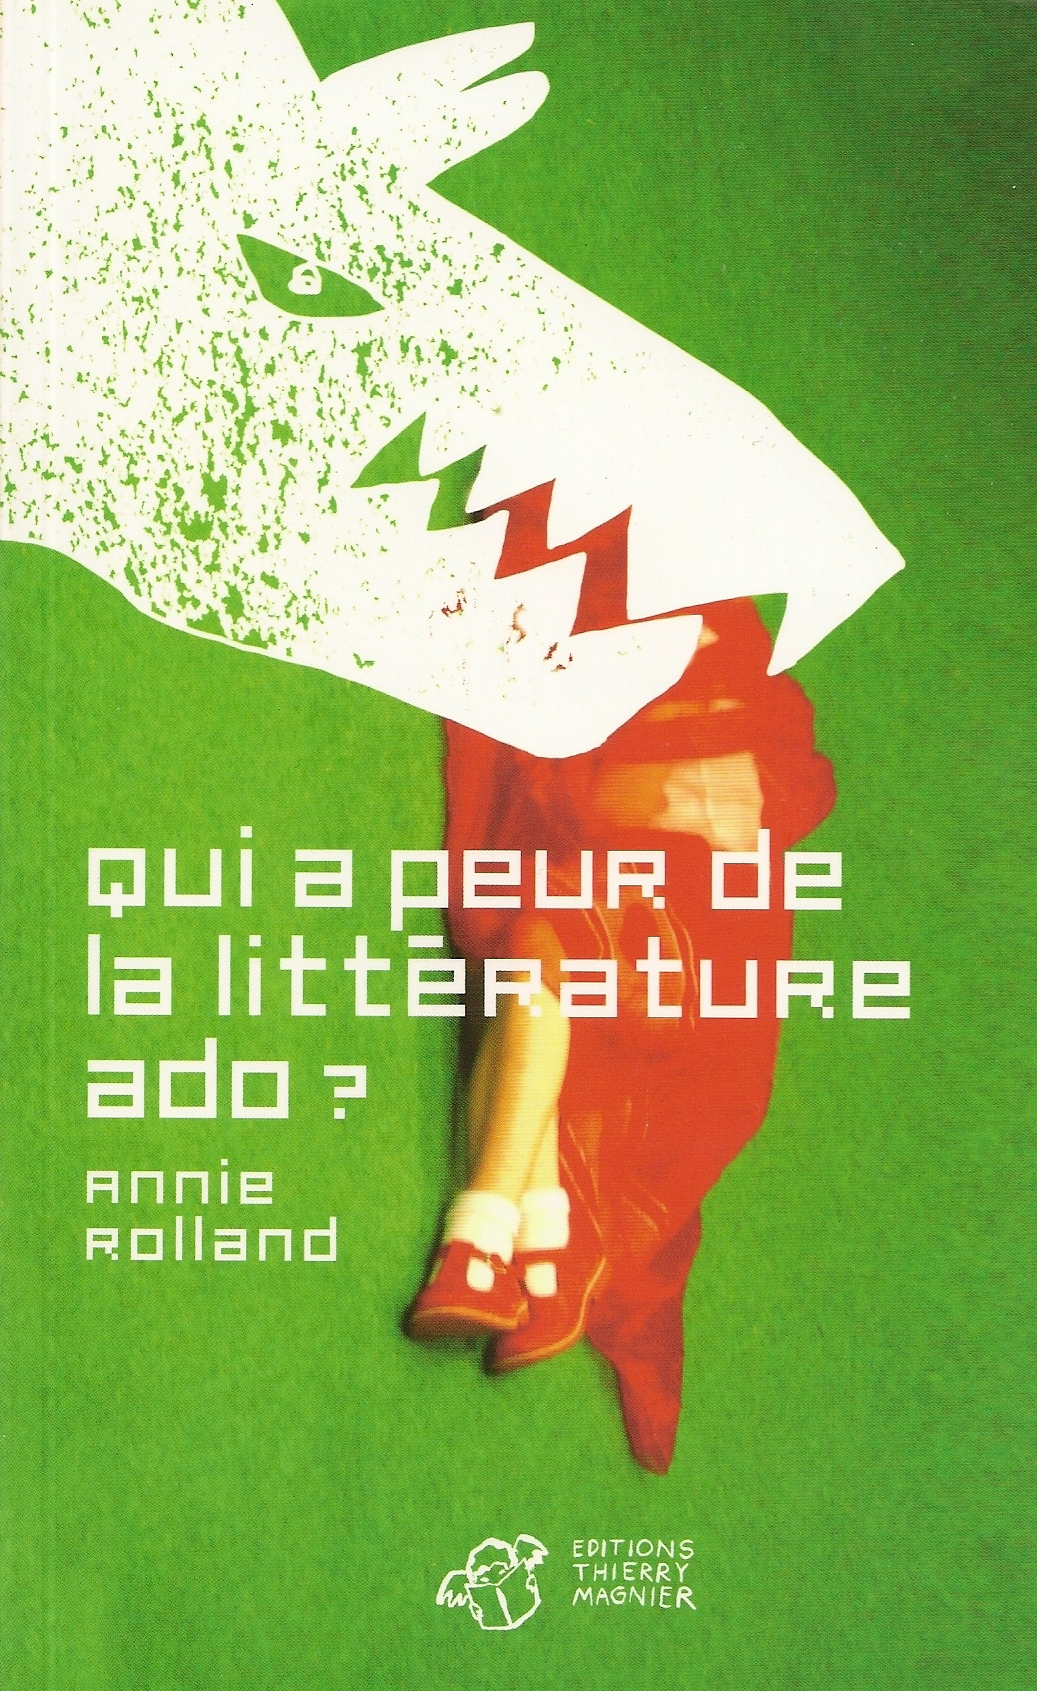 Qui a peur de la littérature ado? Annie_Rolland